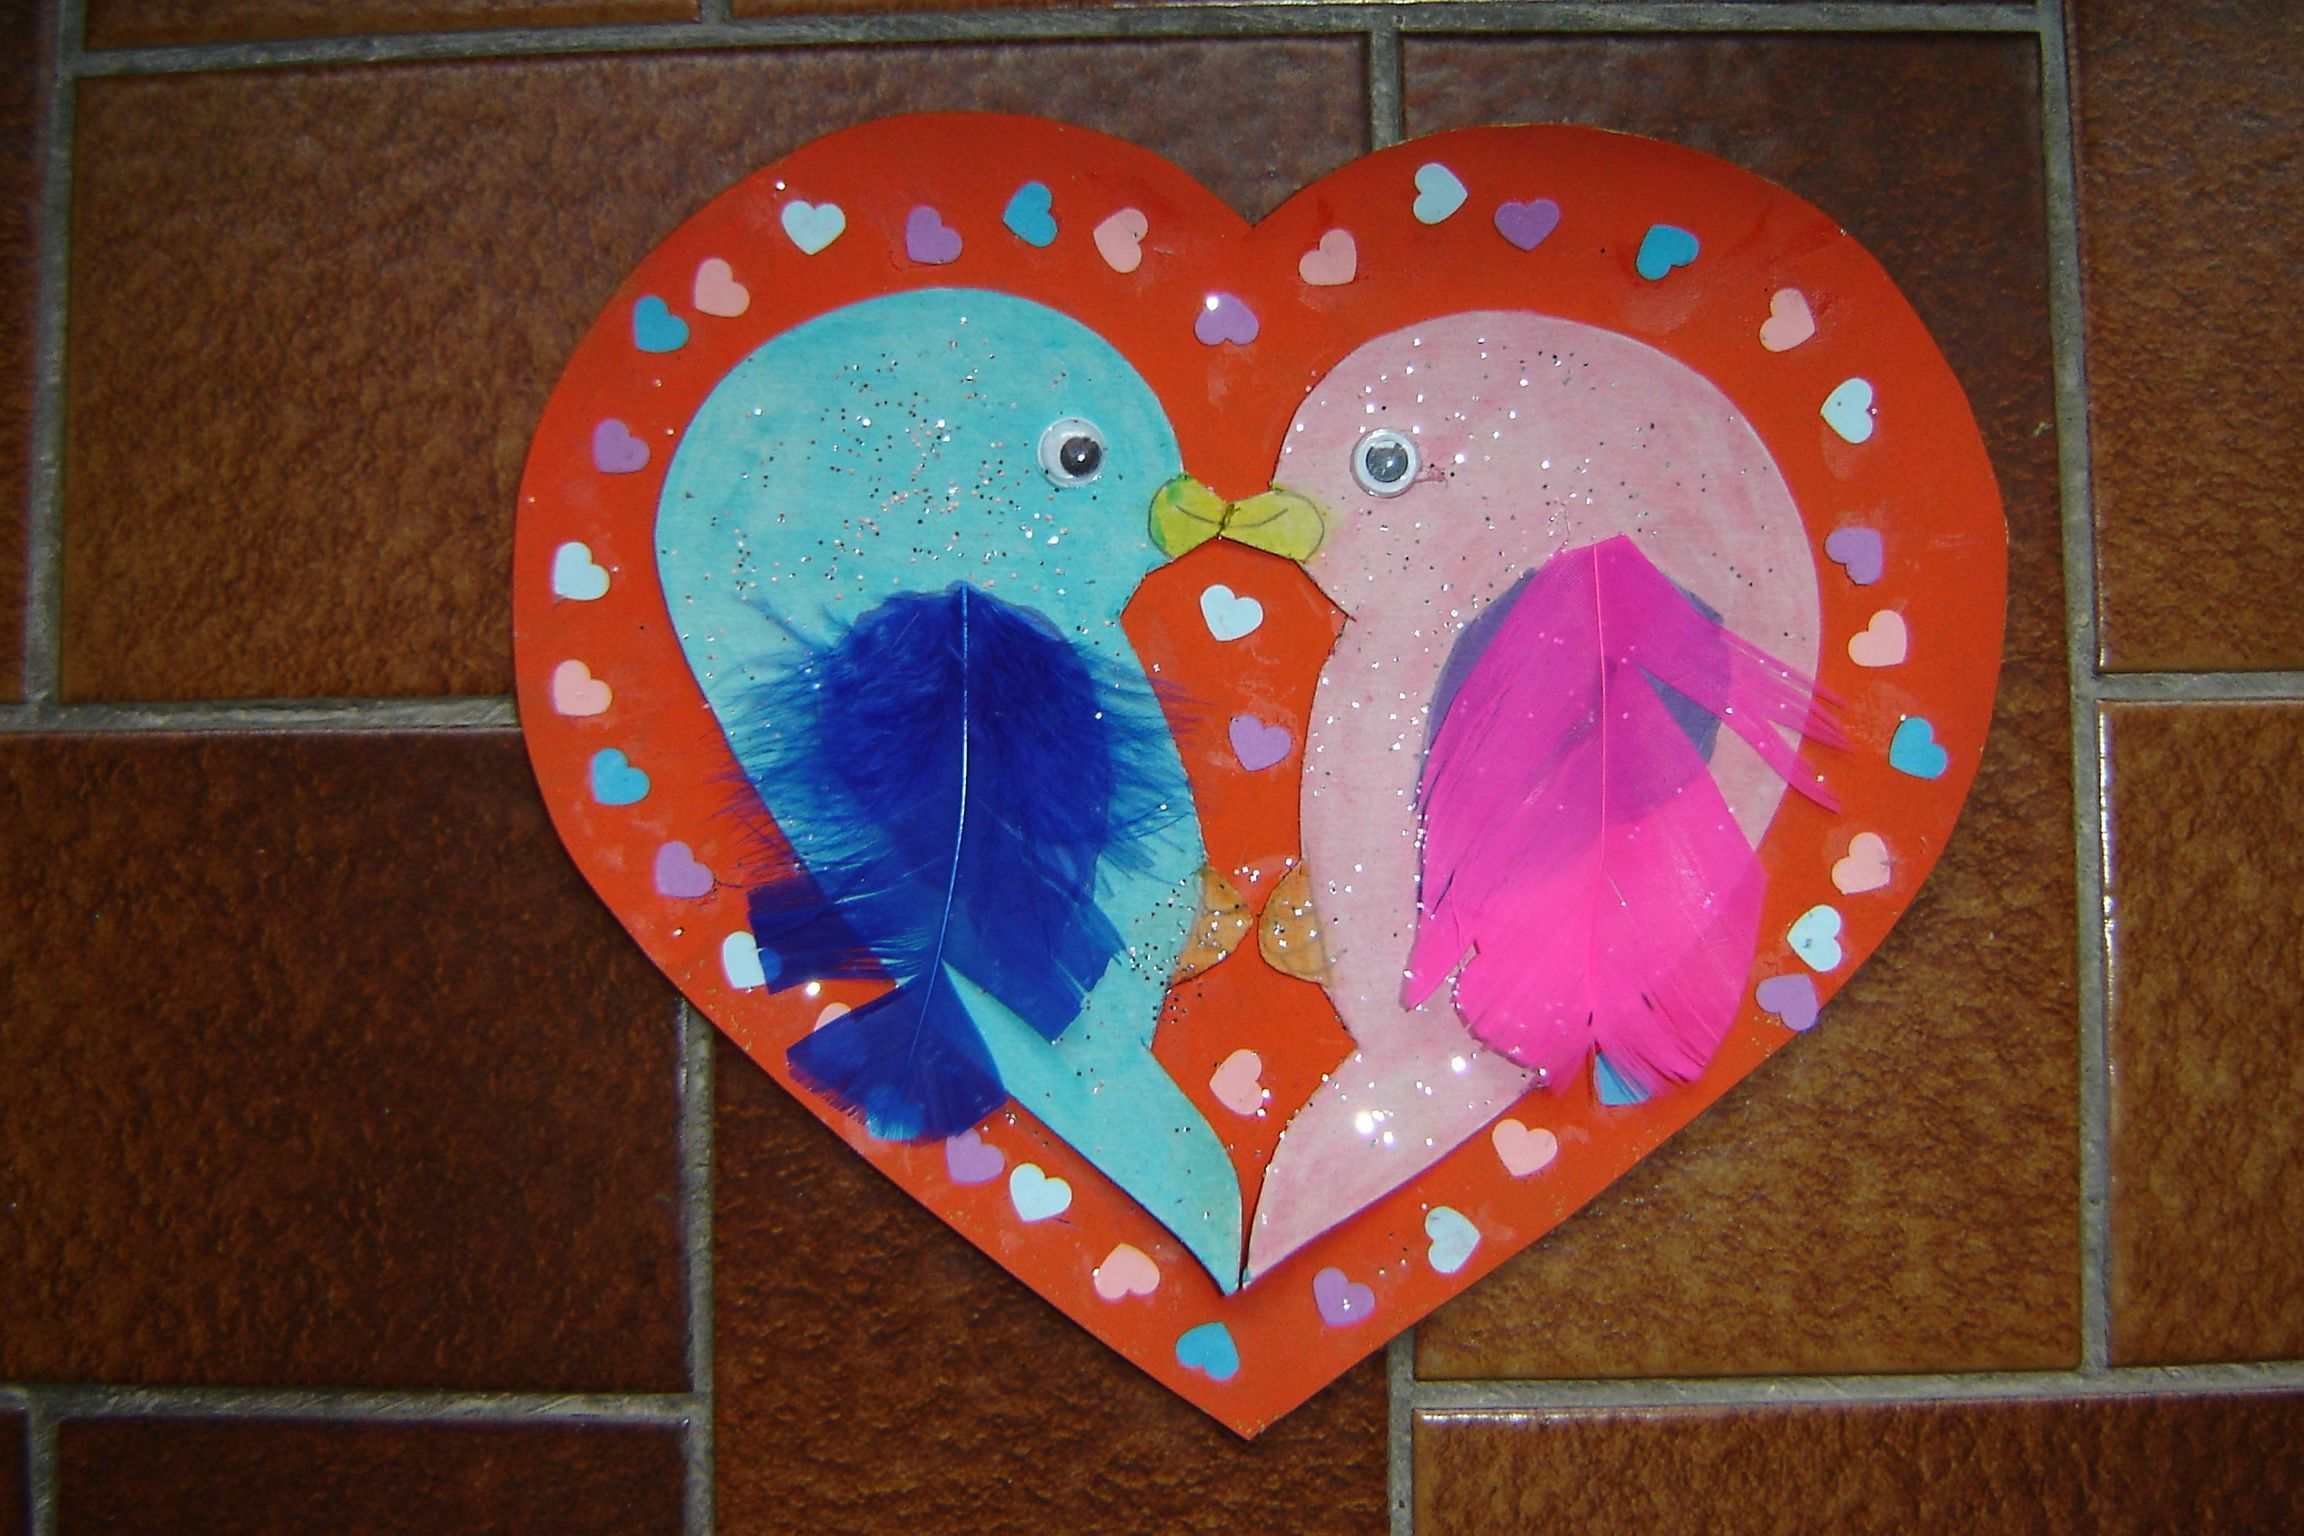 Saint valentin page 2 - Coeur st valentin ...